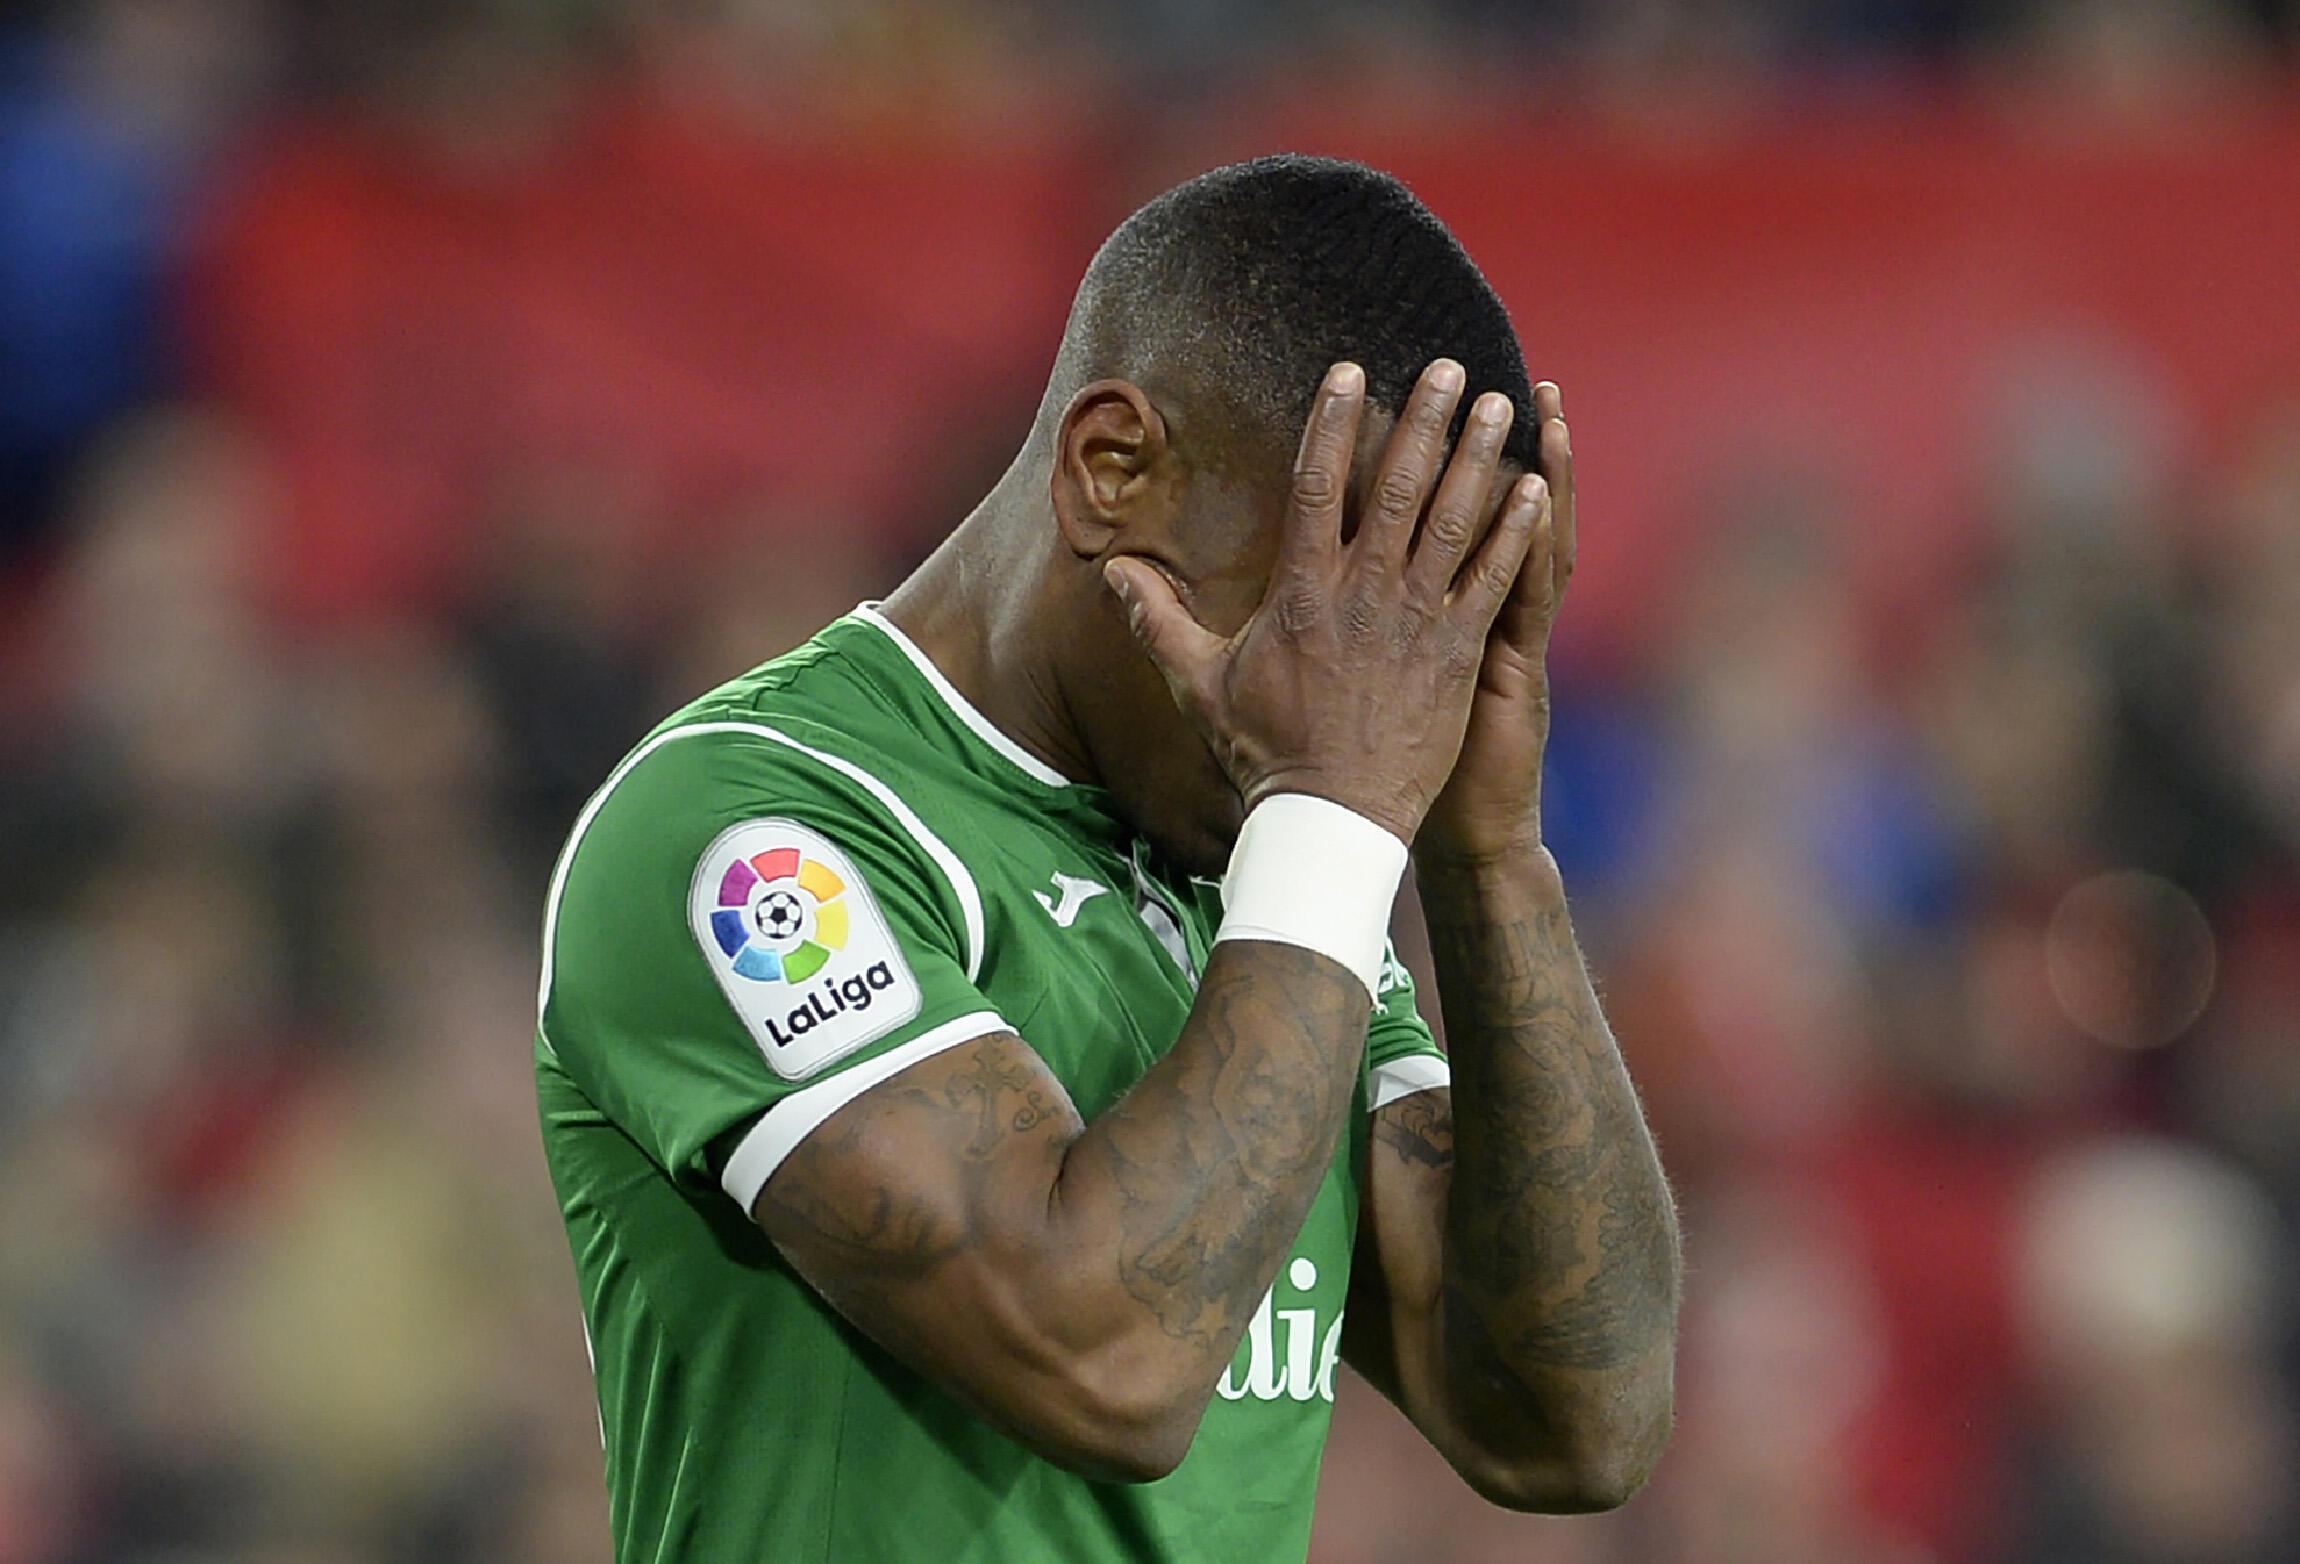 Depressão, o tabu do futebol francês, aumenta com a crise do coronavirus.